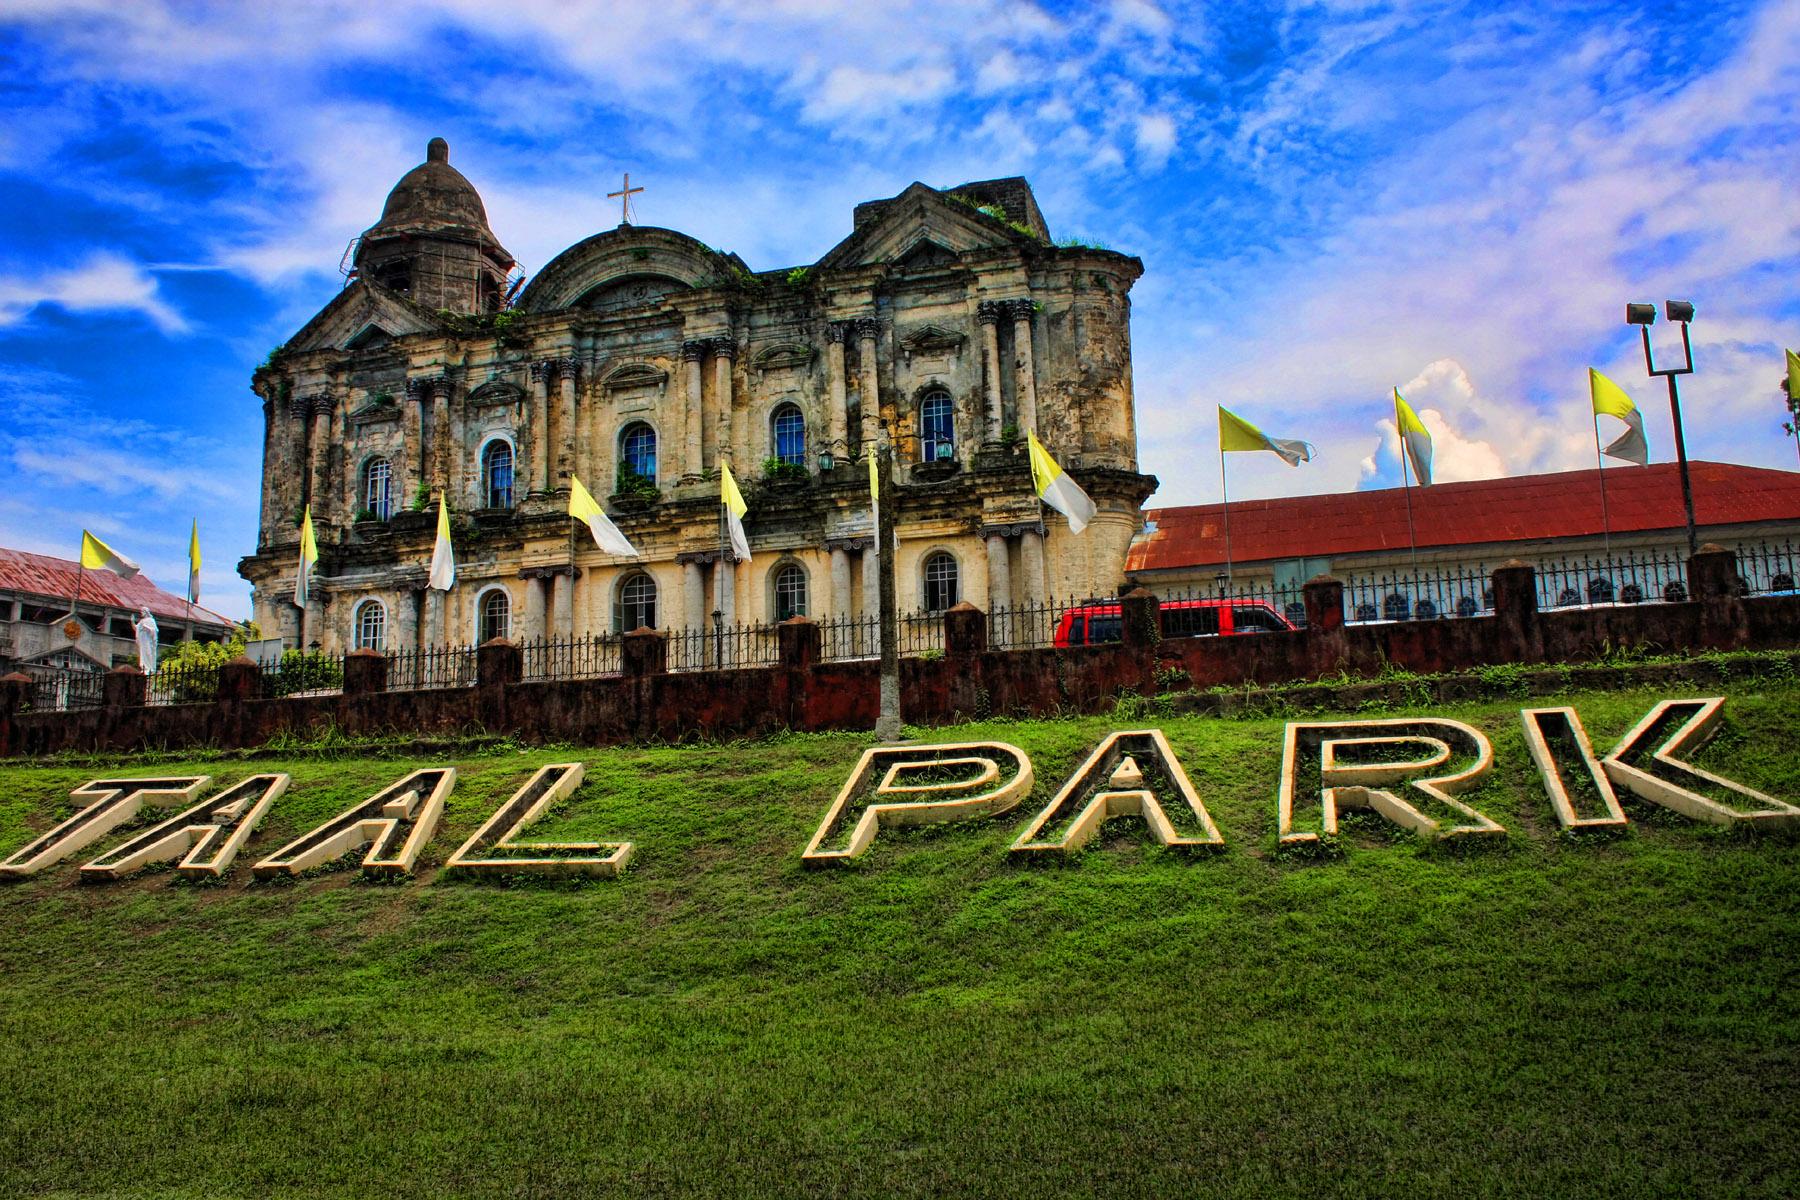 Basilicas Park